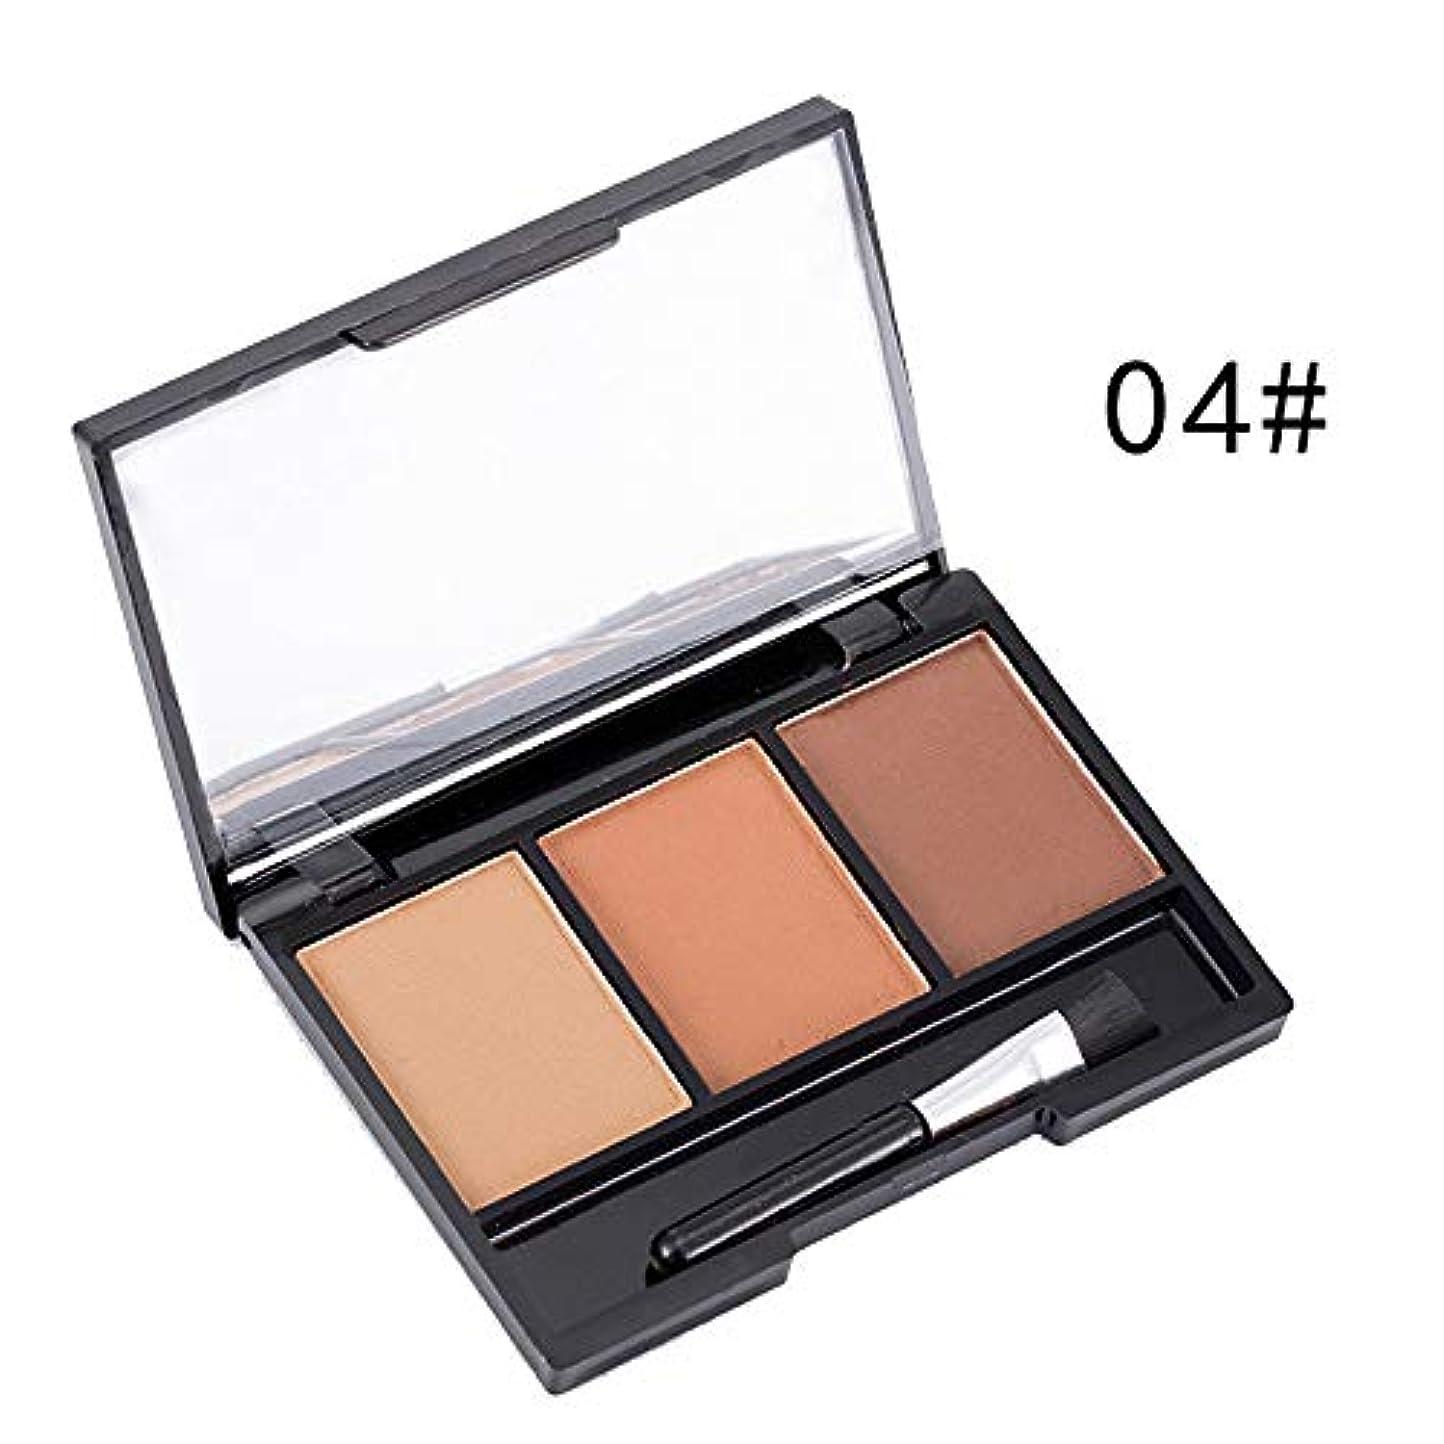 支援それにもかかわらず強いAkane パウダーアイブロウパレット SR MAKE UP 綺麗 人気 ファッション 魅力的 眉 自然 パウダーアイブロウ ぼかしない チャーム 防水 長持ち おしゃれ 持ち便利 Eye Shadow (3色) ES021